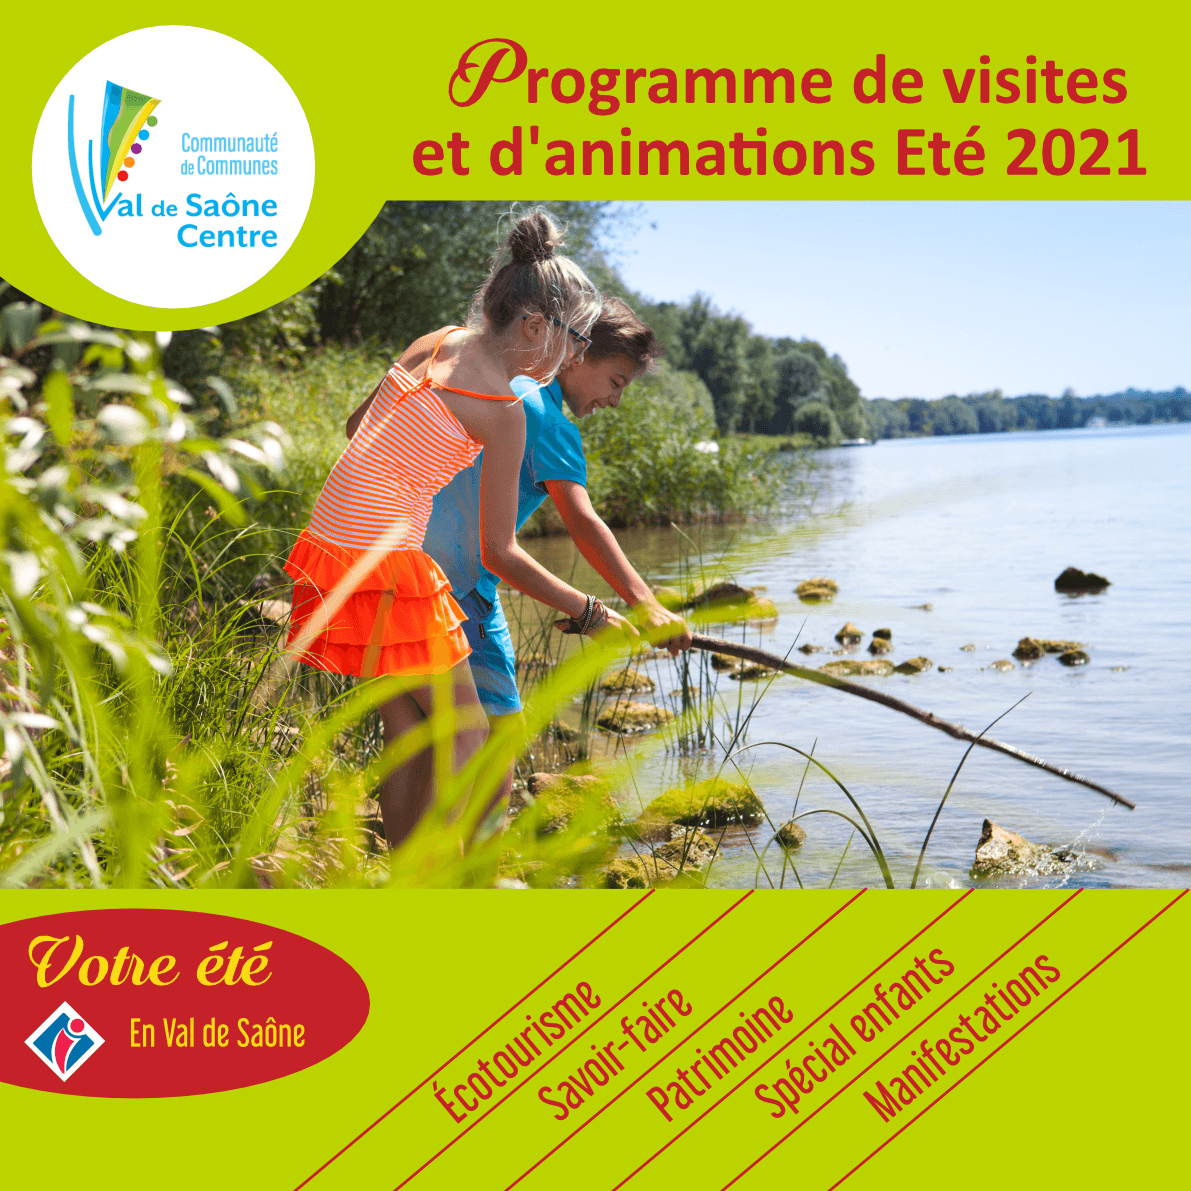 Votre été en Val de Saône